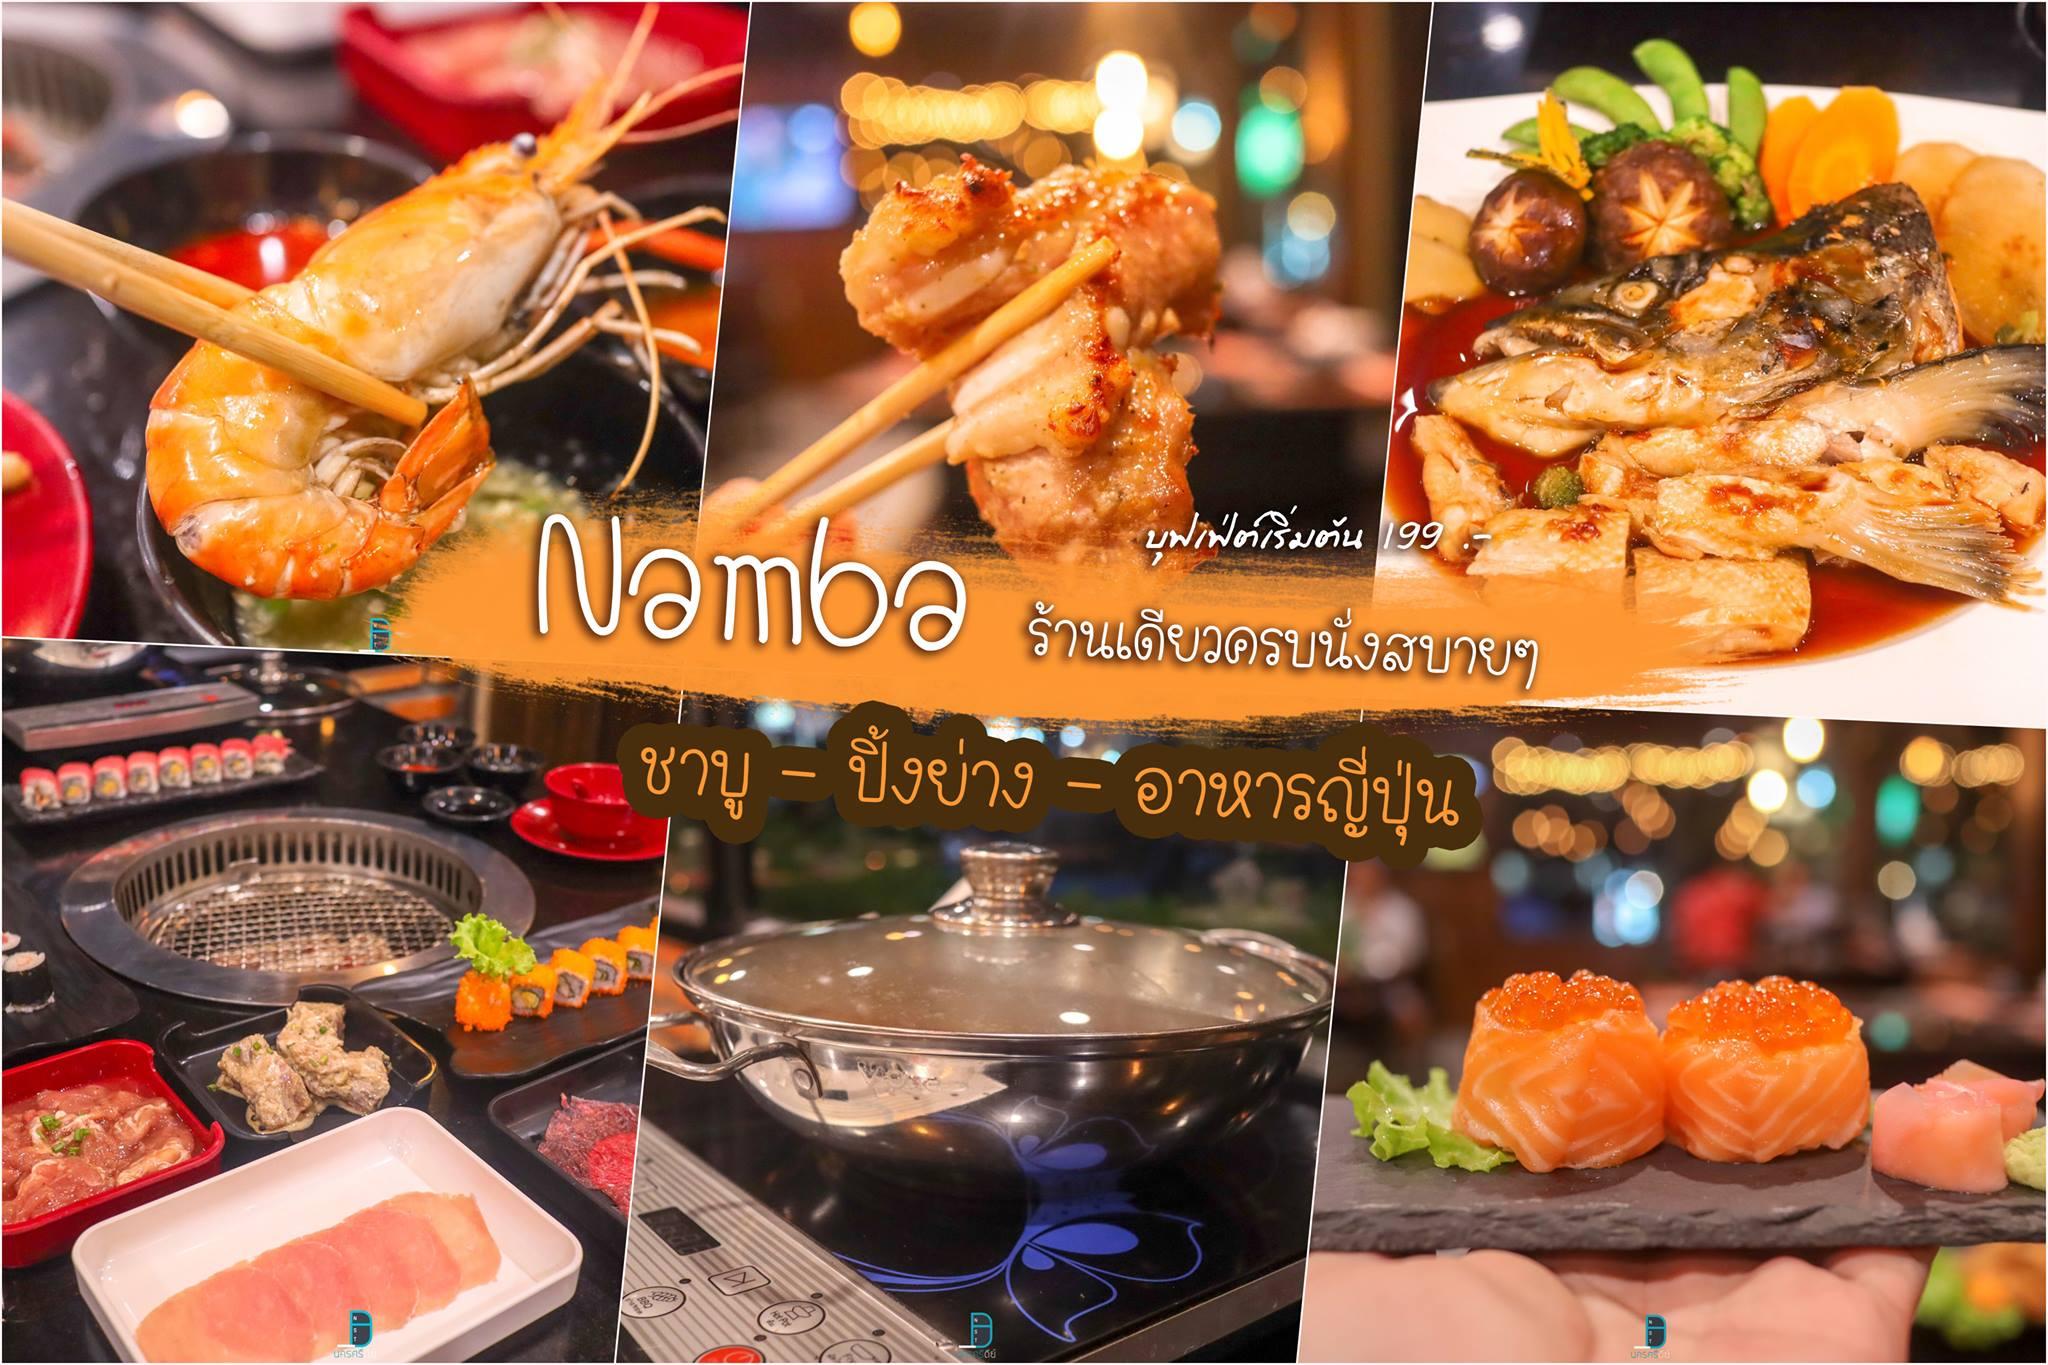 ร้านชาบู ปิ้งย่าง อาหารญี่ปุ่น ร้านเดียวครบนั่งสบายๆ at Namba  นครศรีธรรมราช